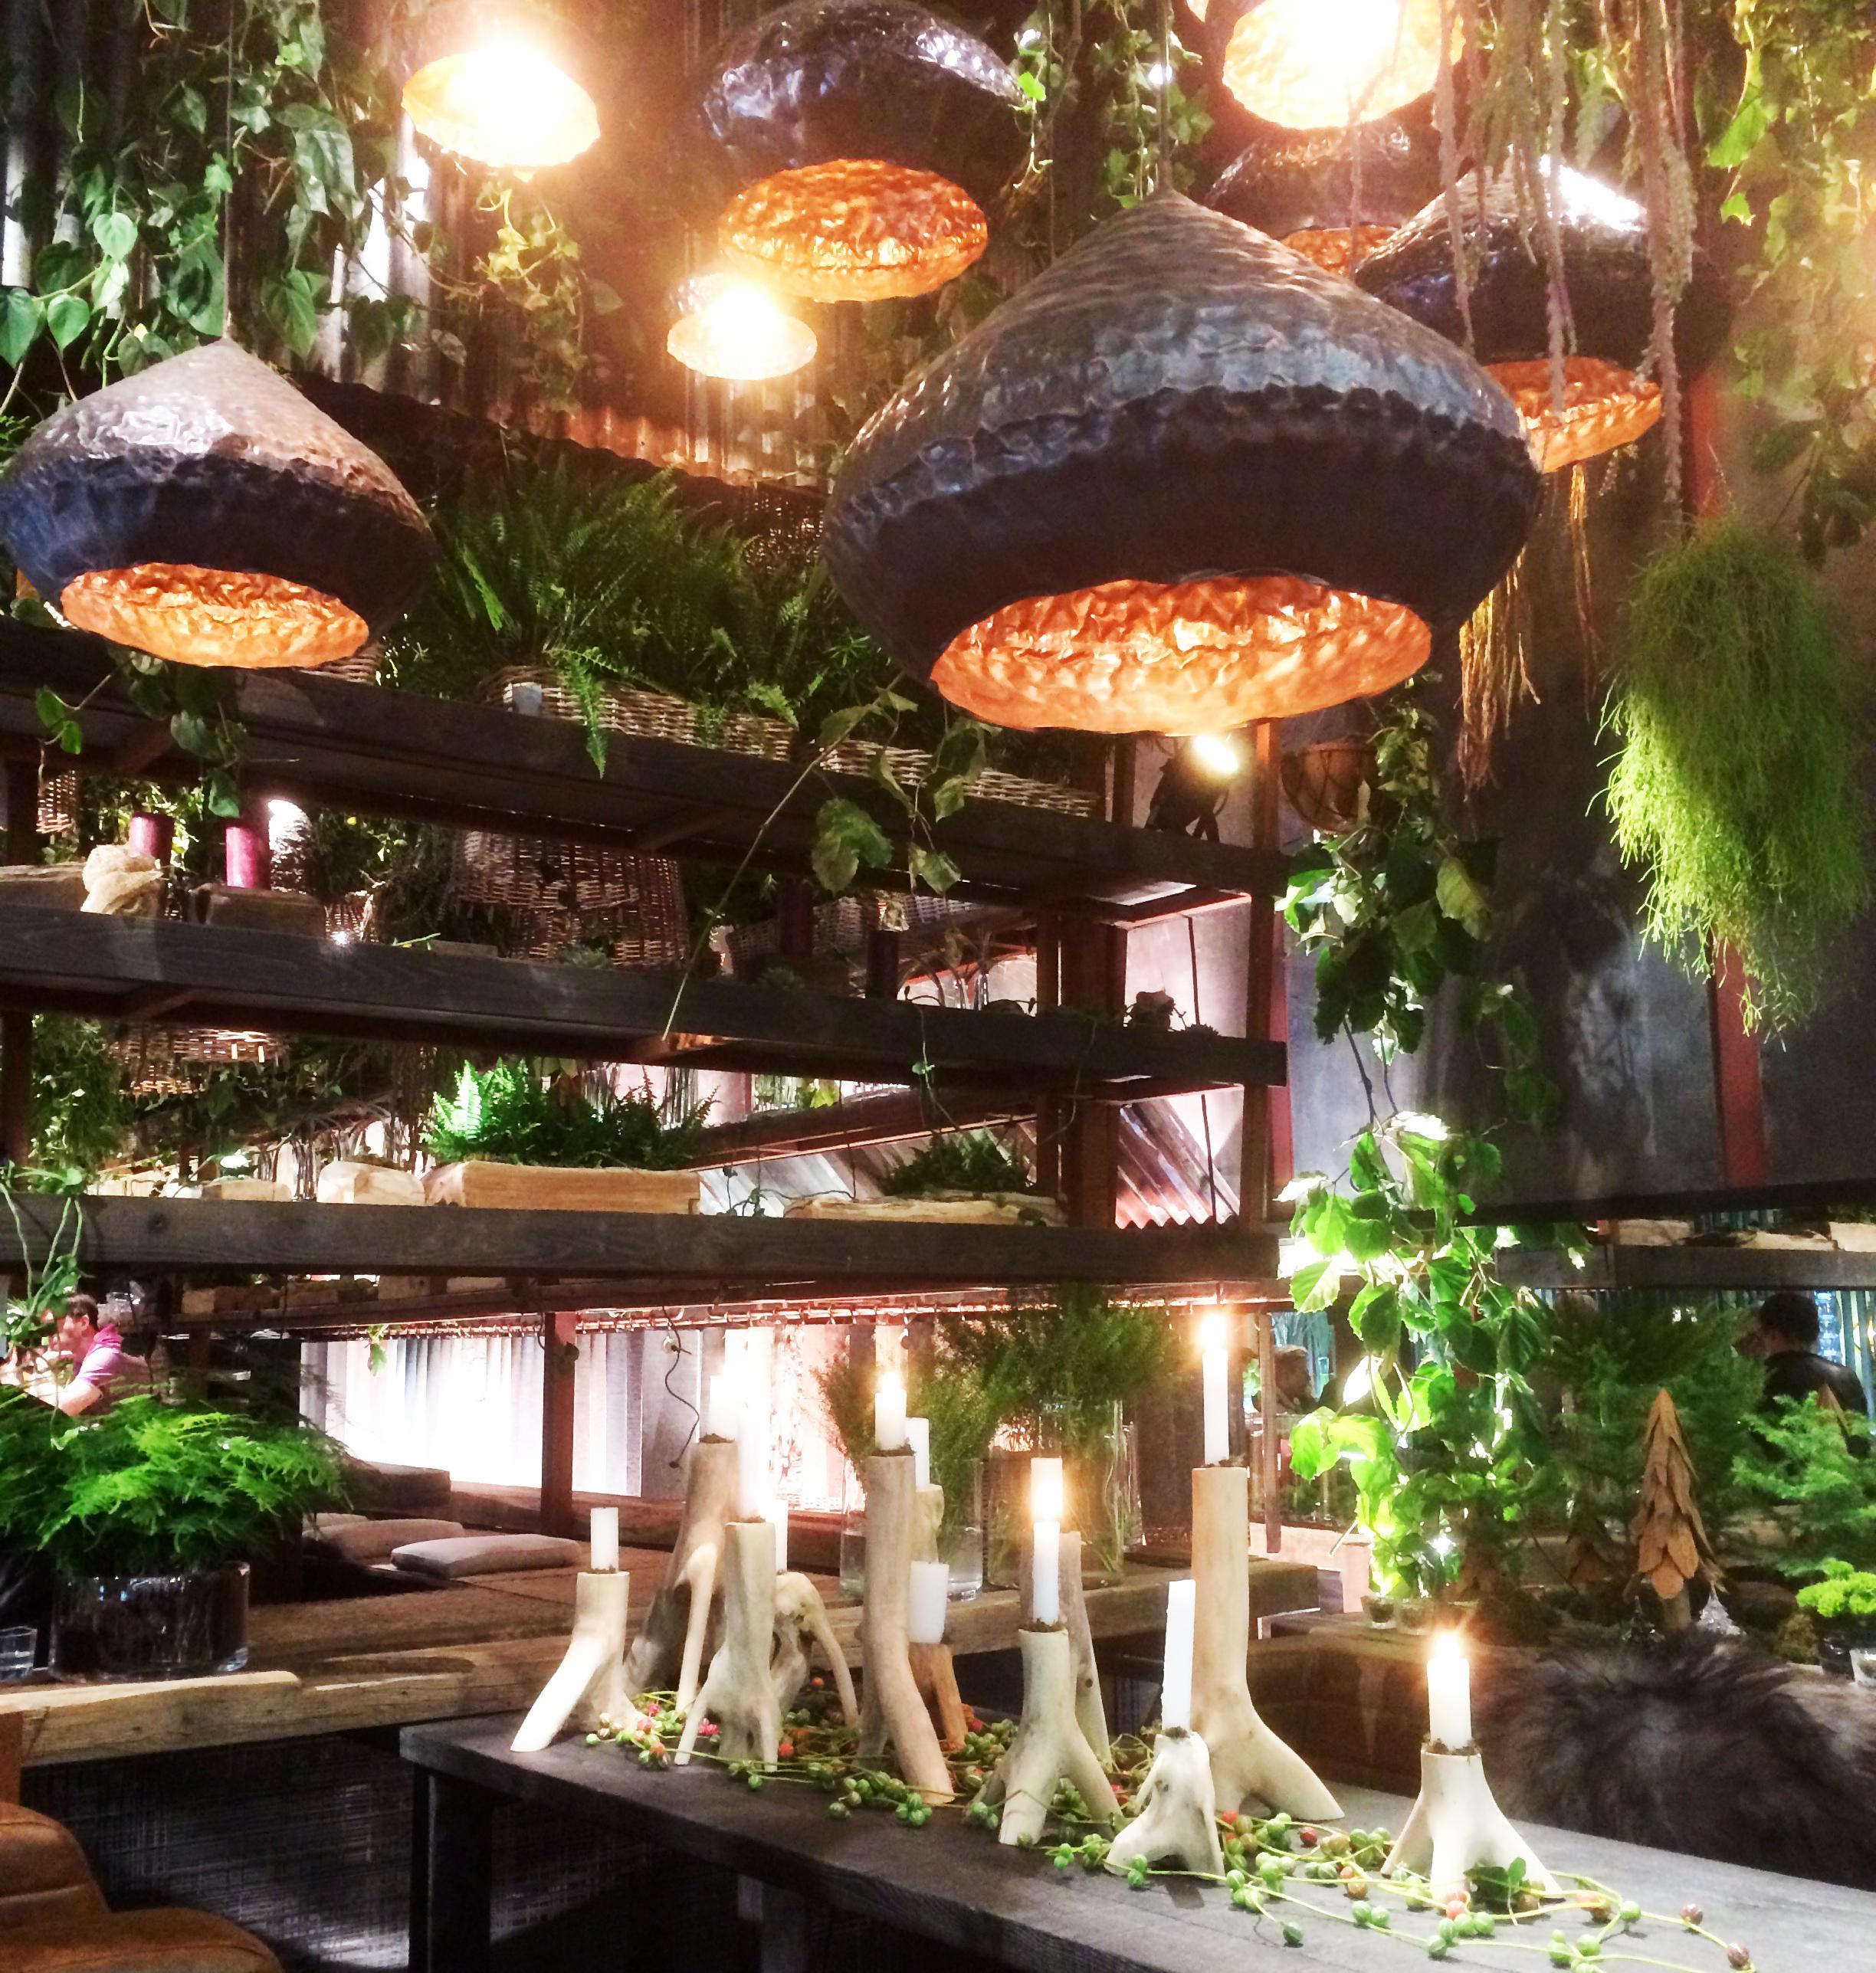 Une nature luxuriante et omniprésente en particulier au plafond avec des suspensions ethniques et une profusion de plantes suspendues